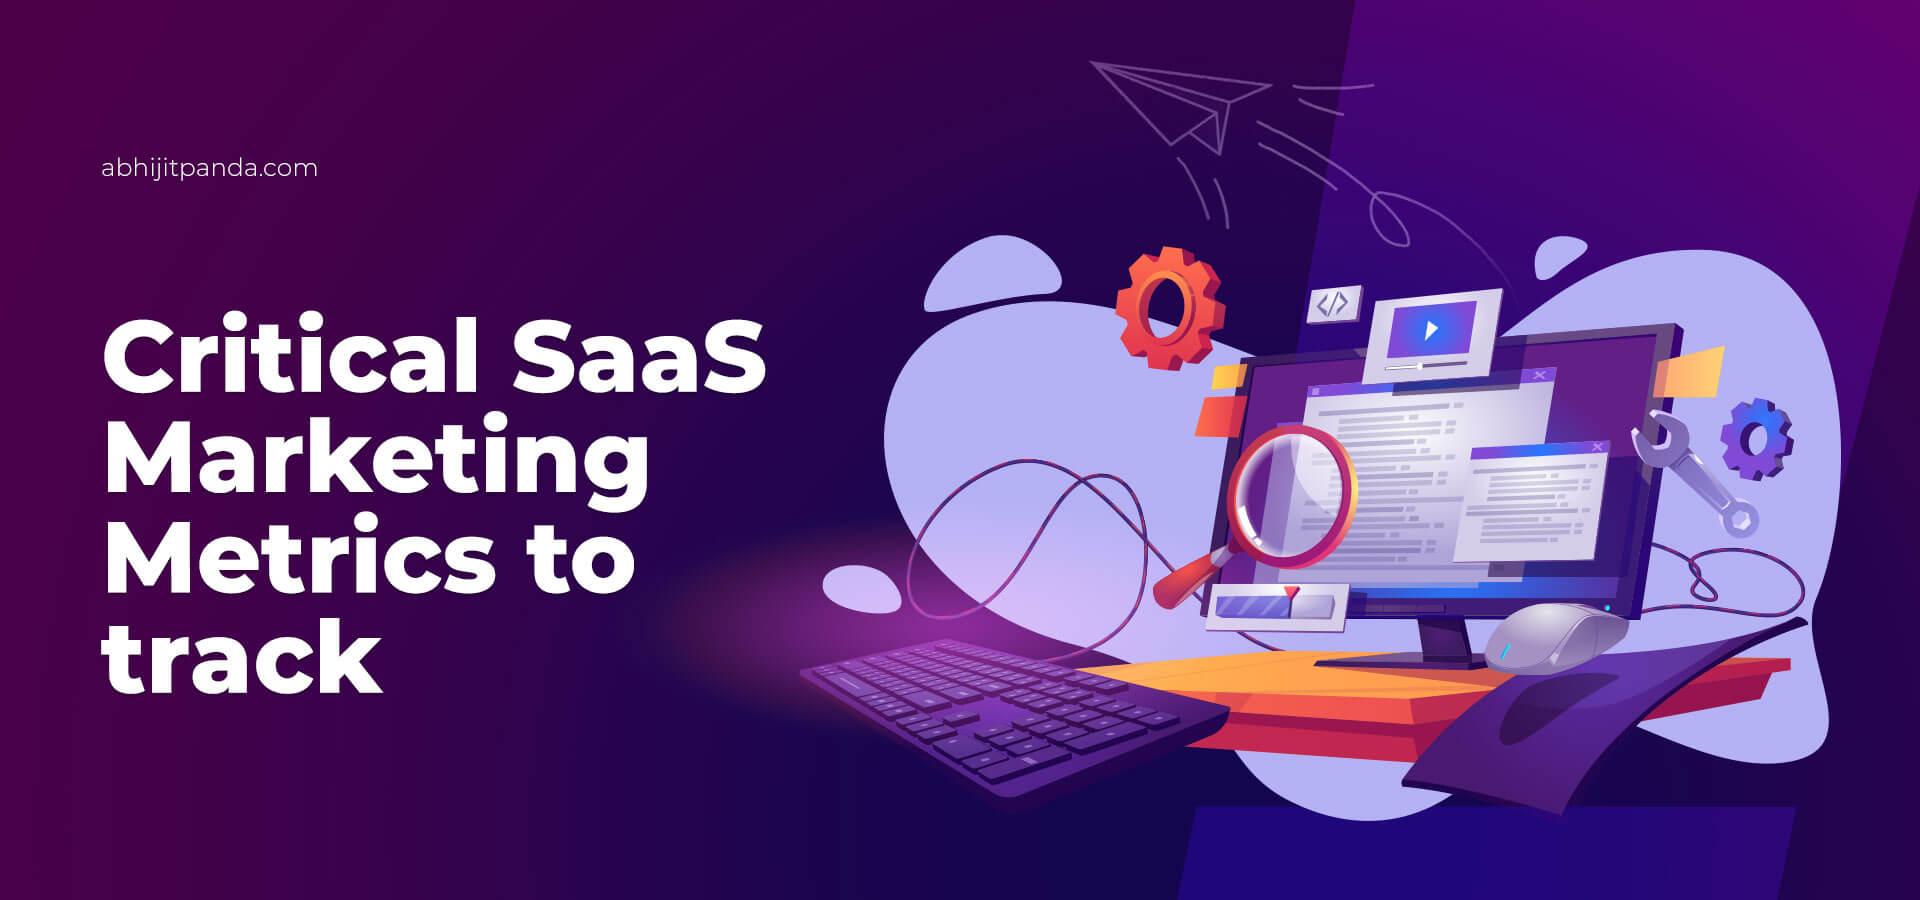 Important SaaS Marketing Metrics